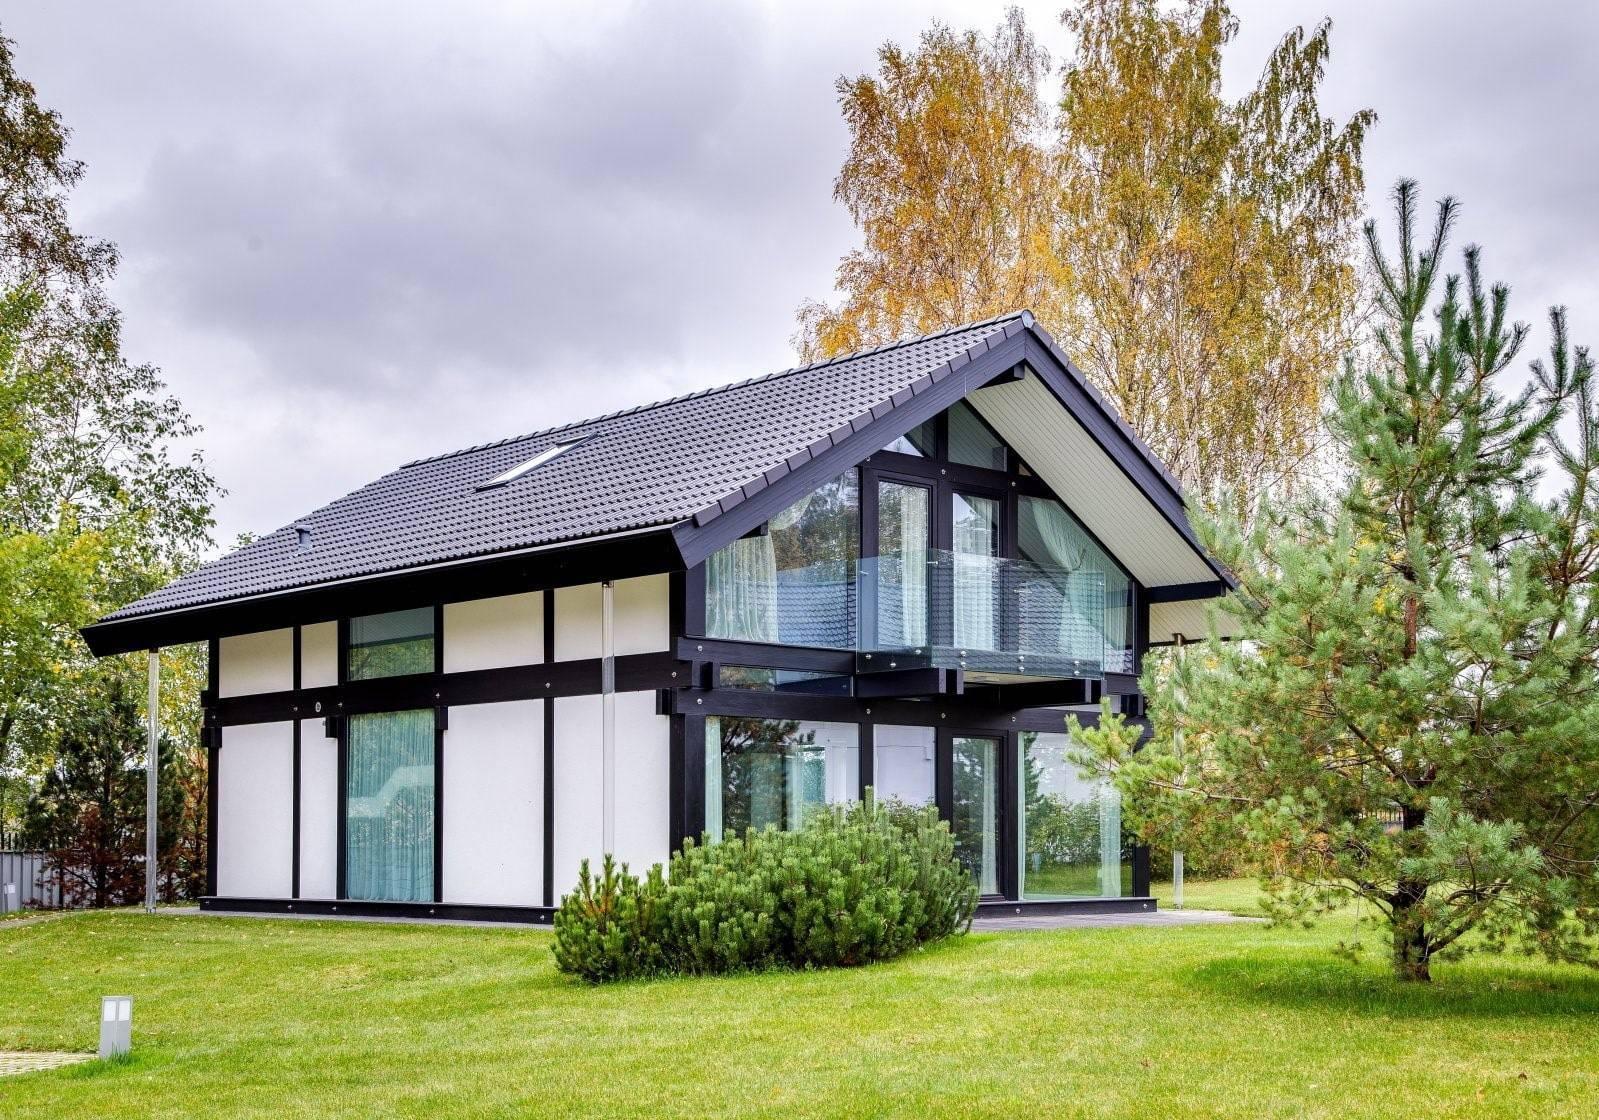 Дома в стиле фахверк - что это такое? немецкая технология строительства, фото